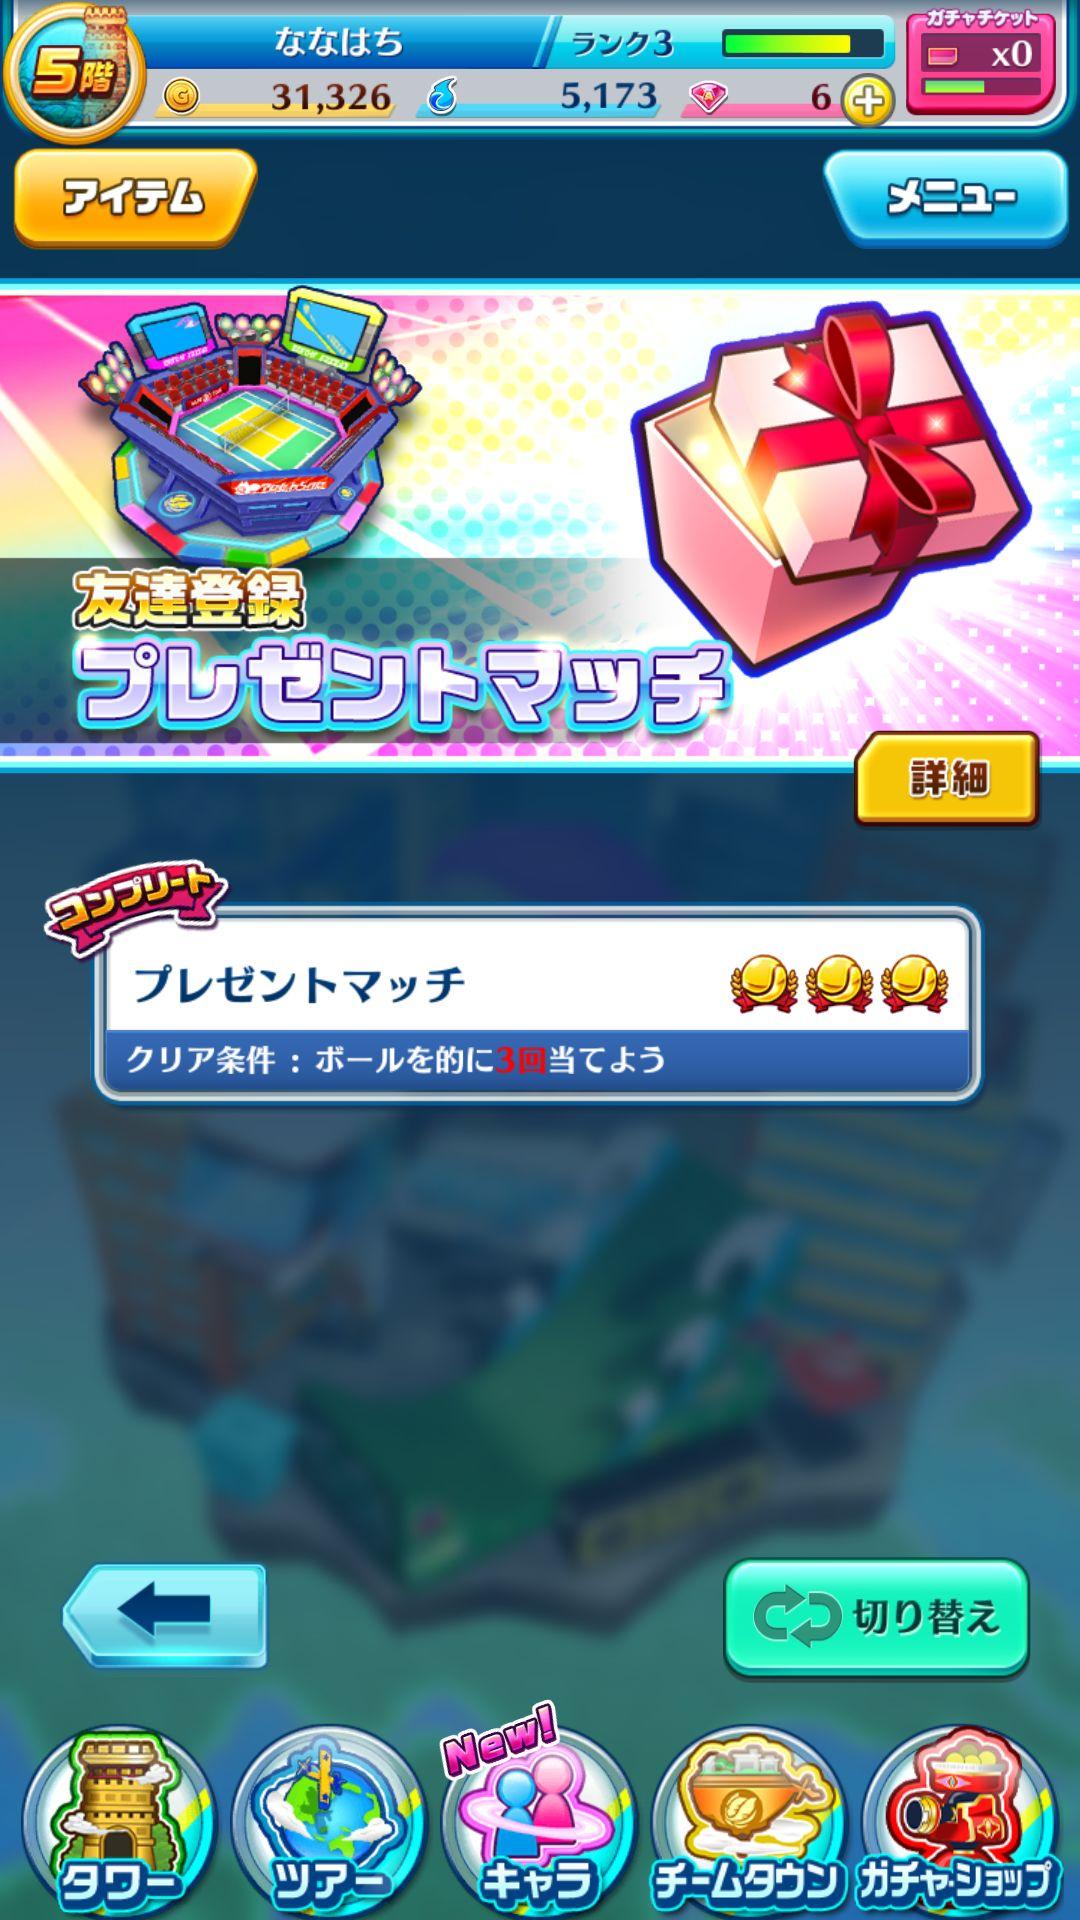 白猫テニス androidアプリスクリーンショット3